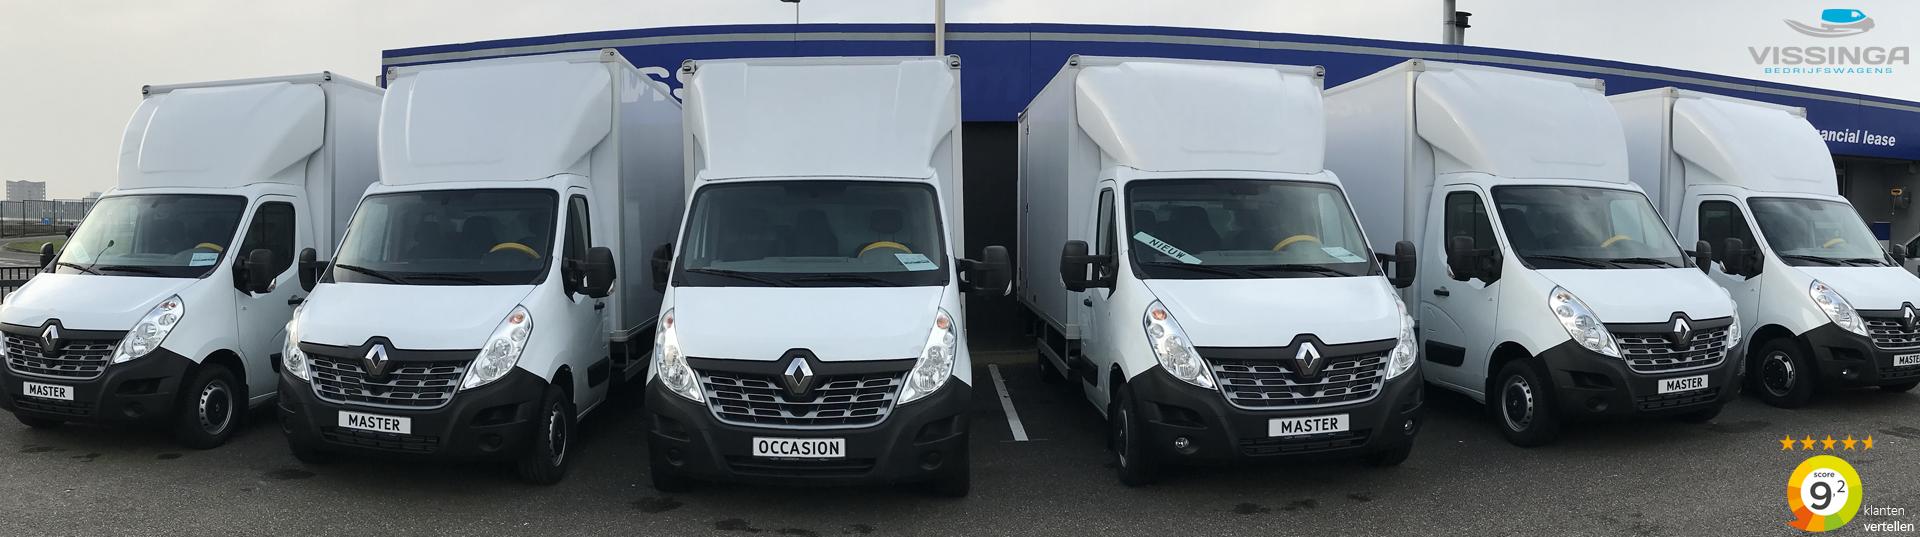 Vissinga Bedrijfswagens uw Renault Bakwagen specialist